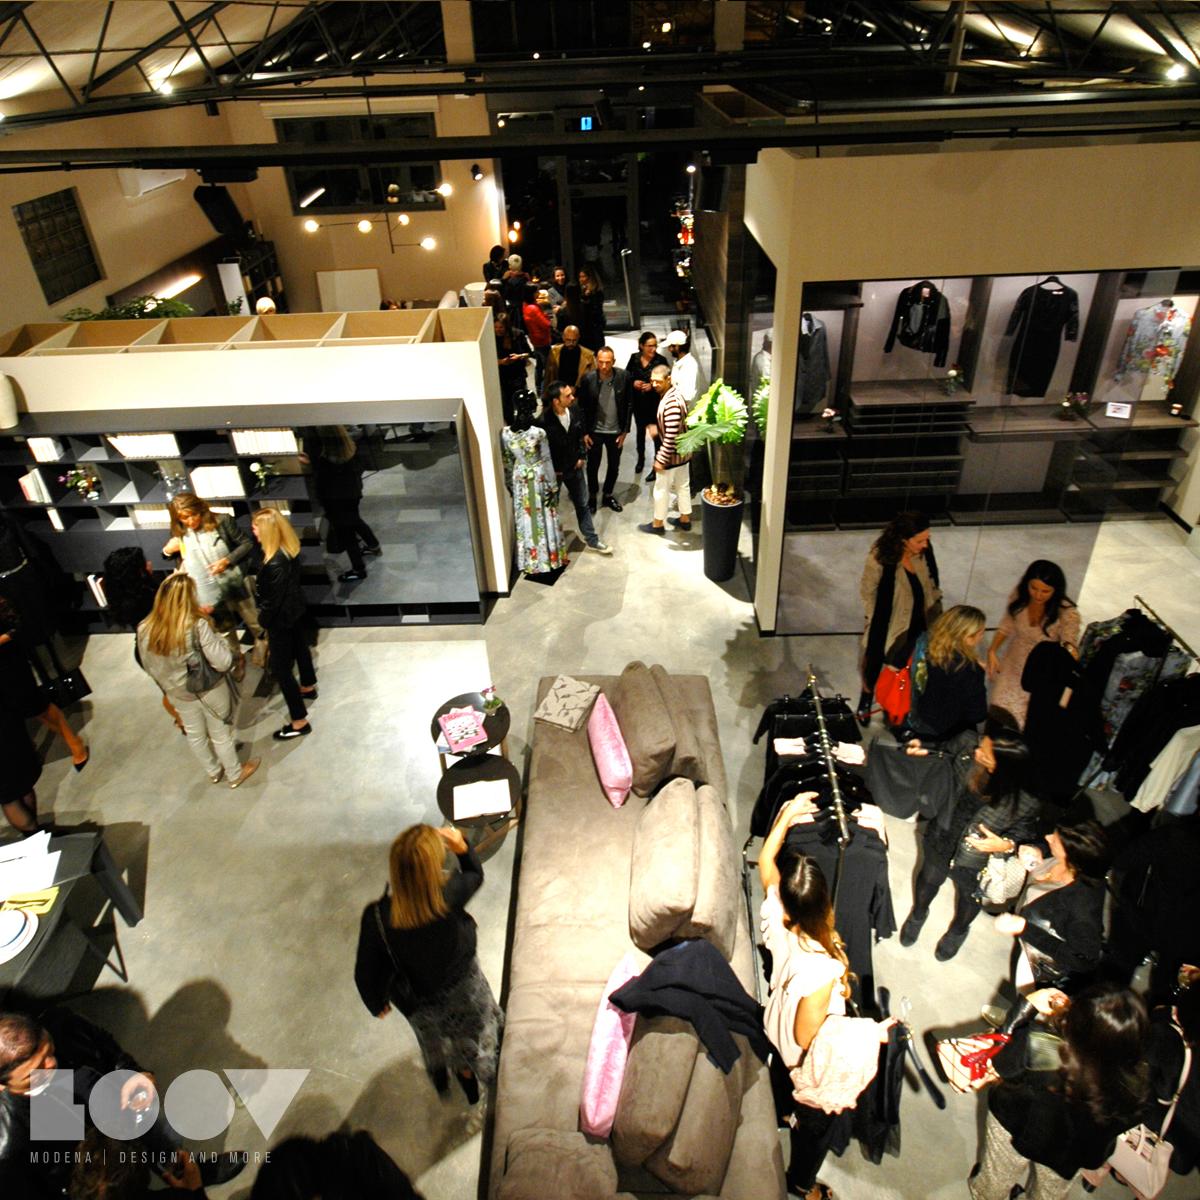 Da Loov Design a Modena, ecco il report di un evento di classe!